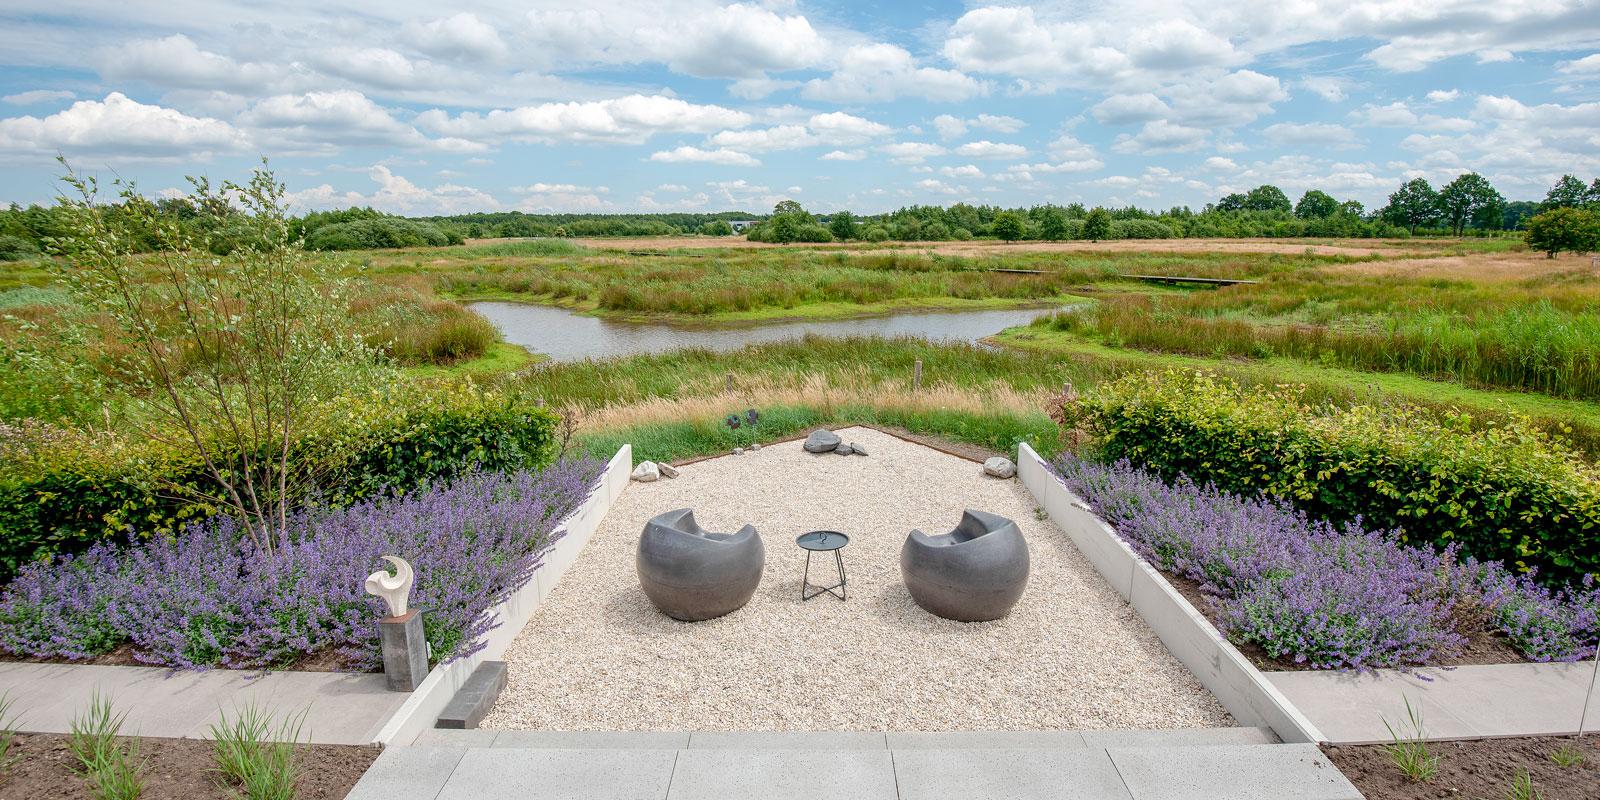 Landelijke tuin in natuurlijke omgeving, Buijtels Buitengewone Tuinen, The art of living